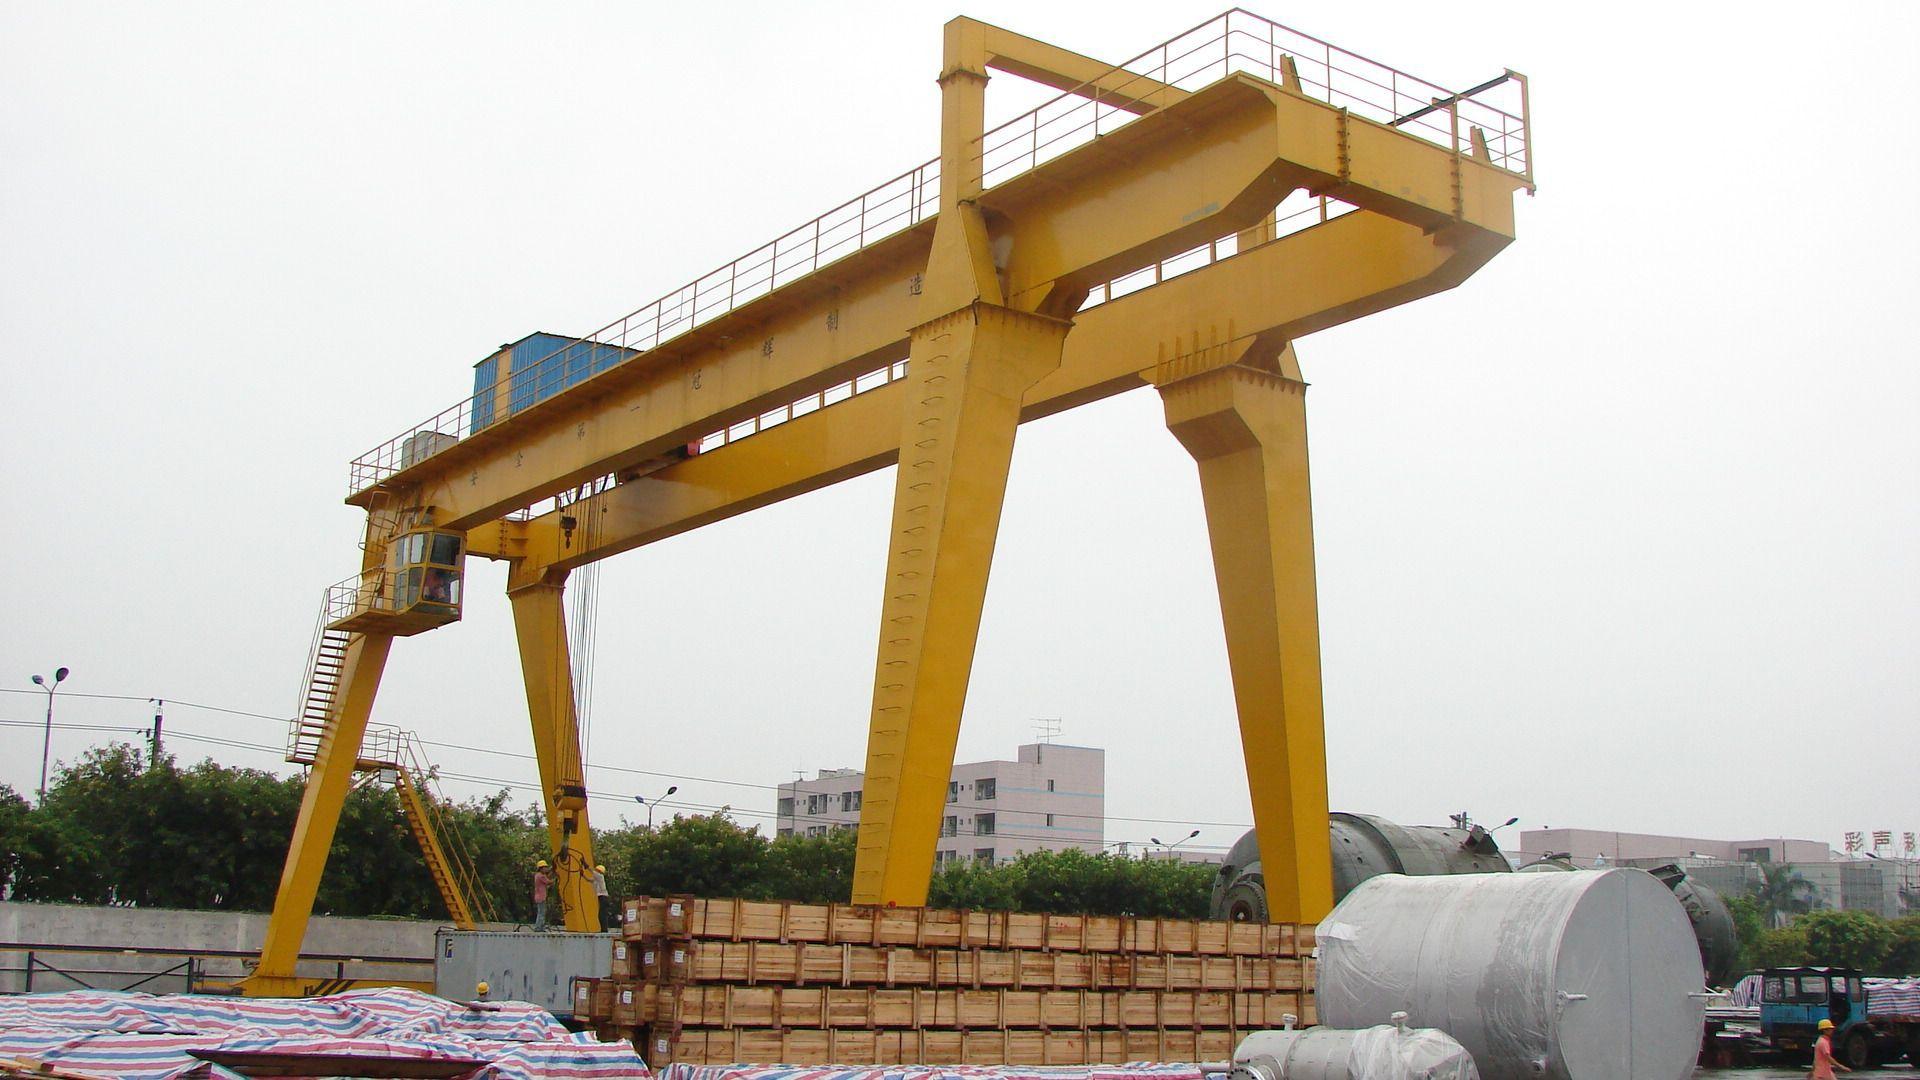 供应天车 行车 旋臂吊 双梁起重机工程 起重机械设备